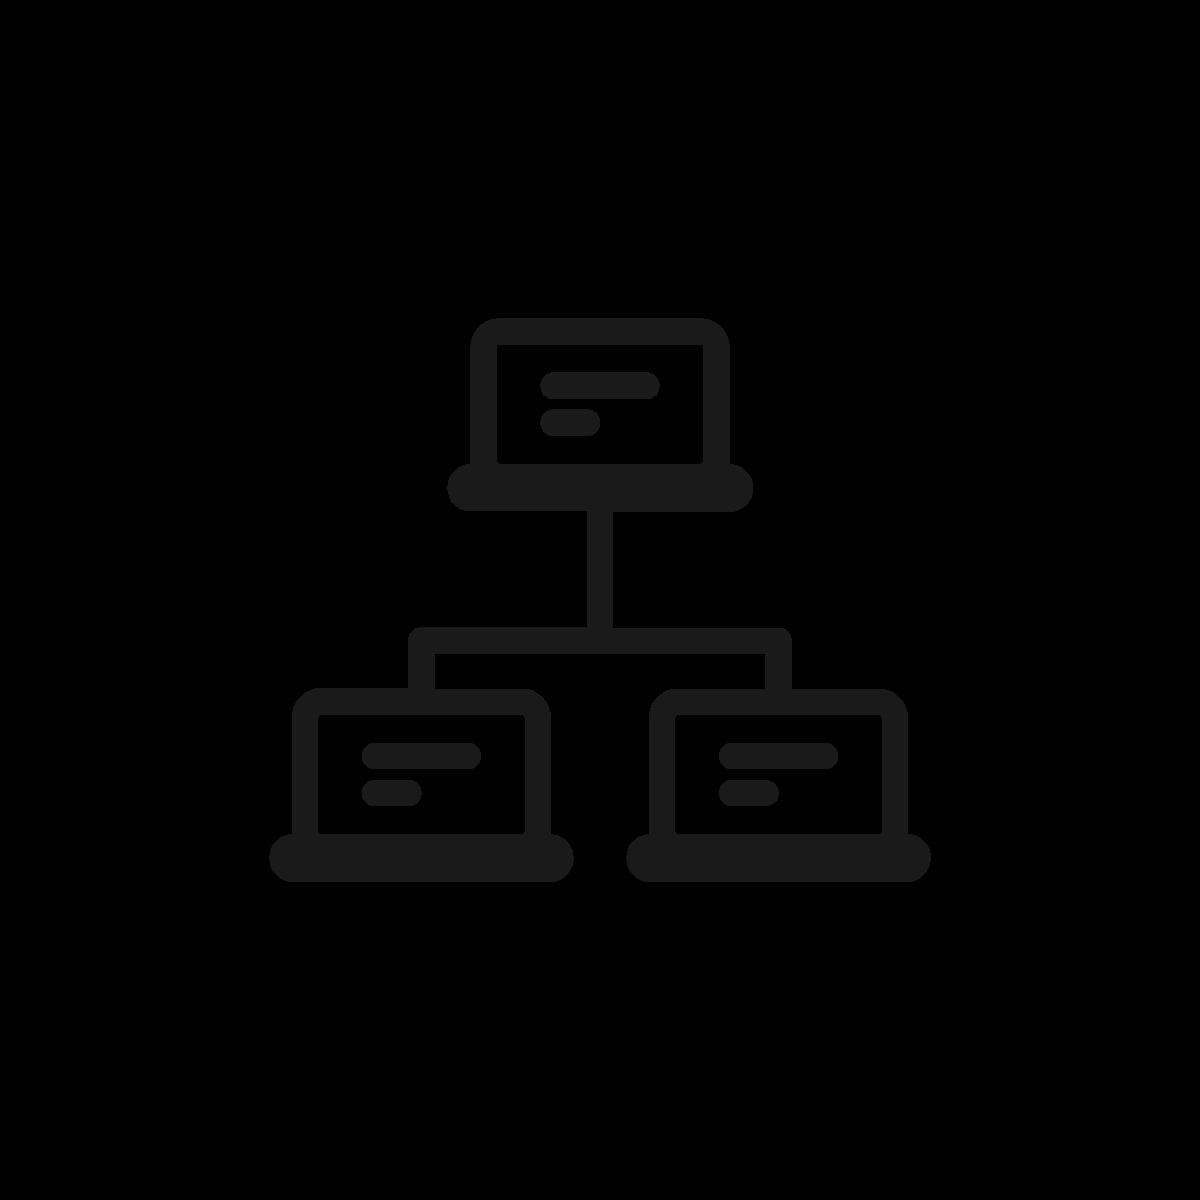 noun_Network_2475835 (1)